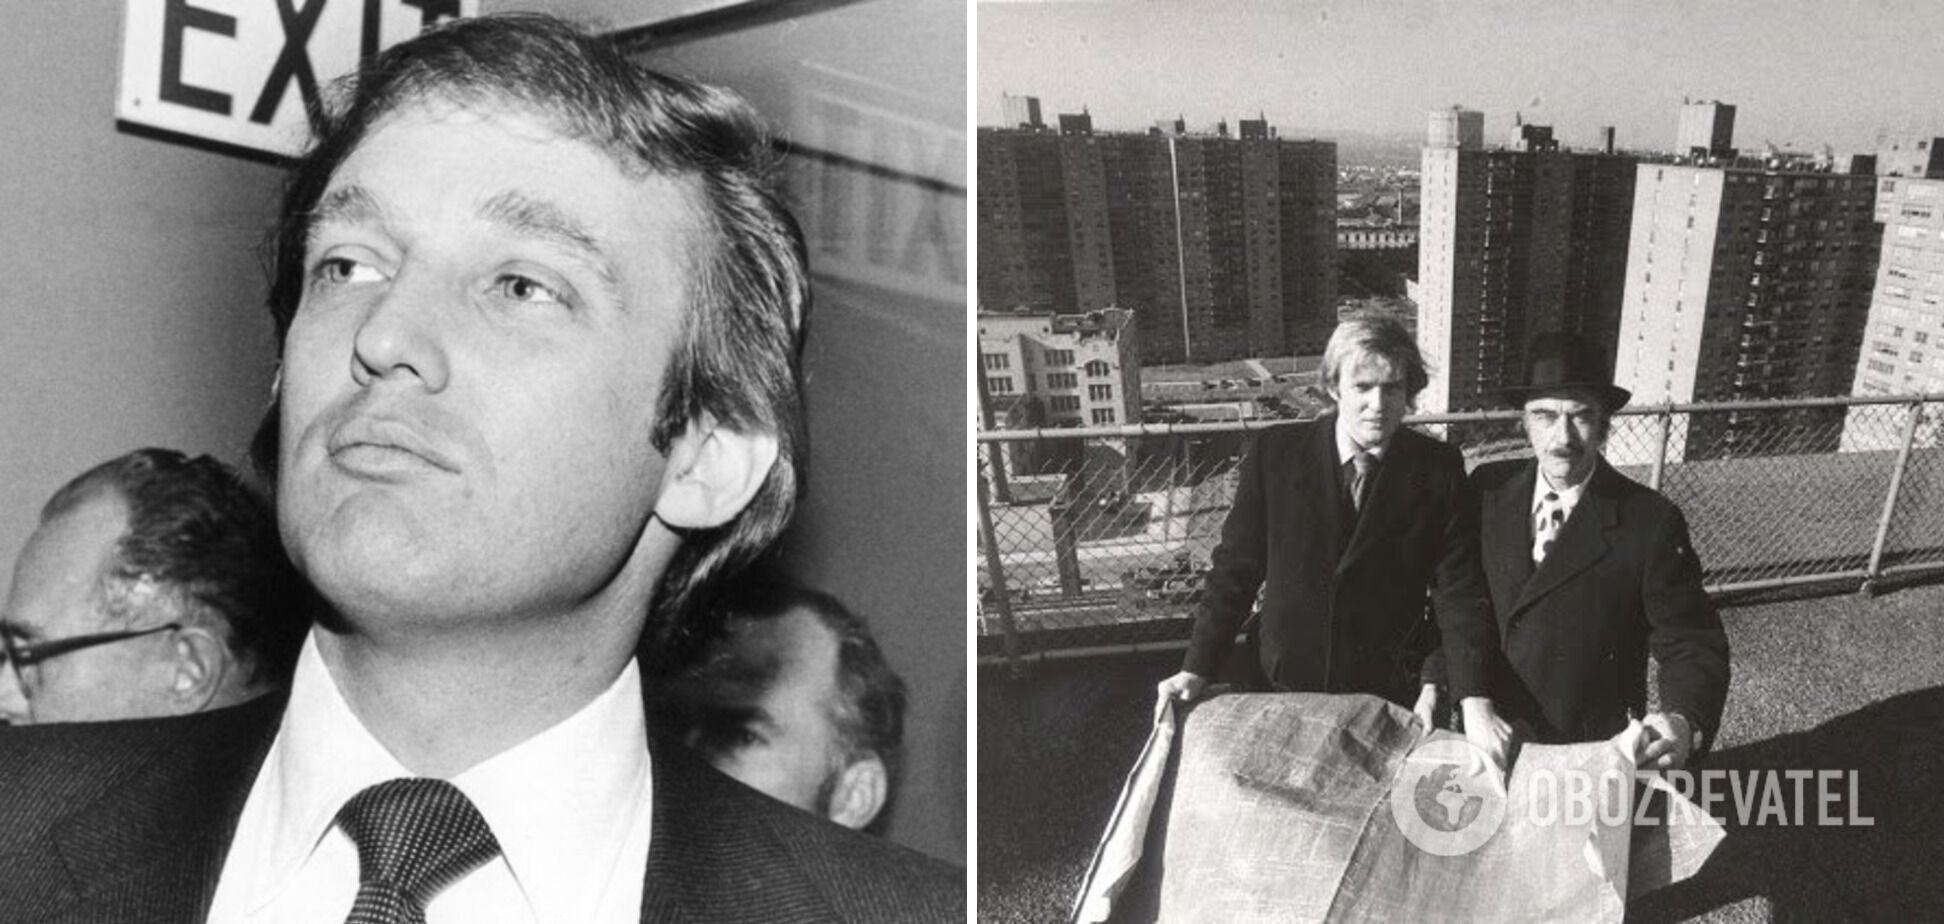 У 1973 році Дональд позує з батьком на будівництві.